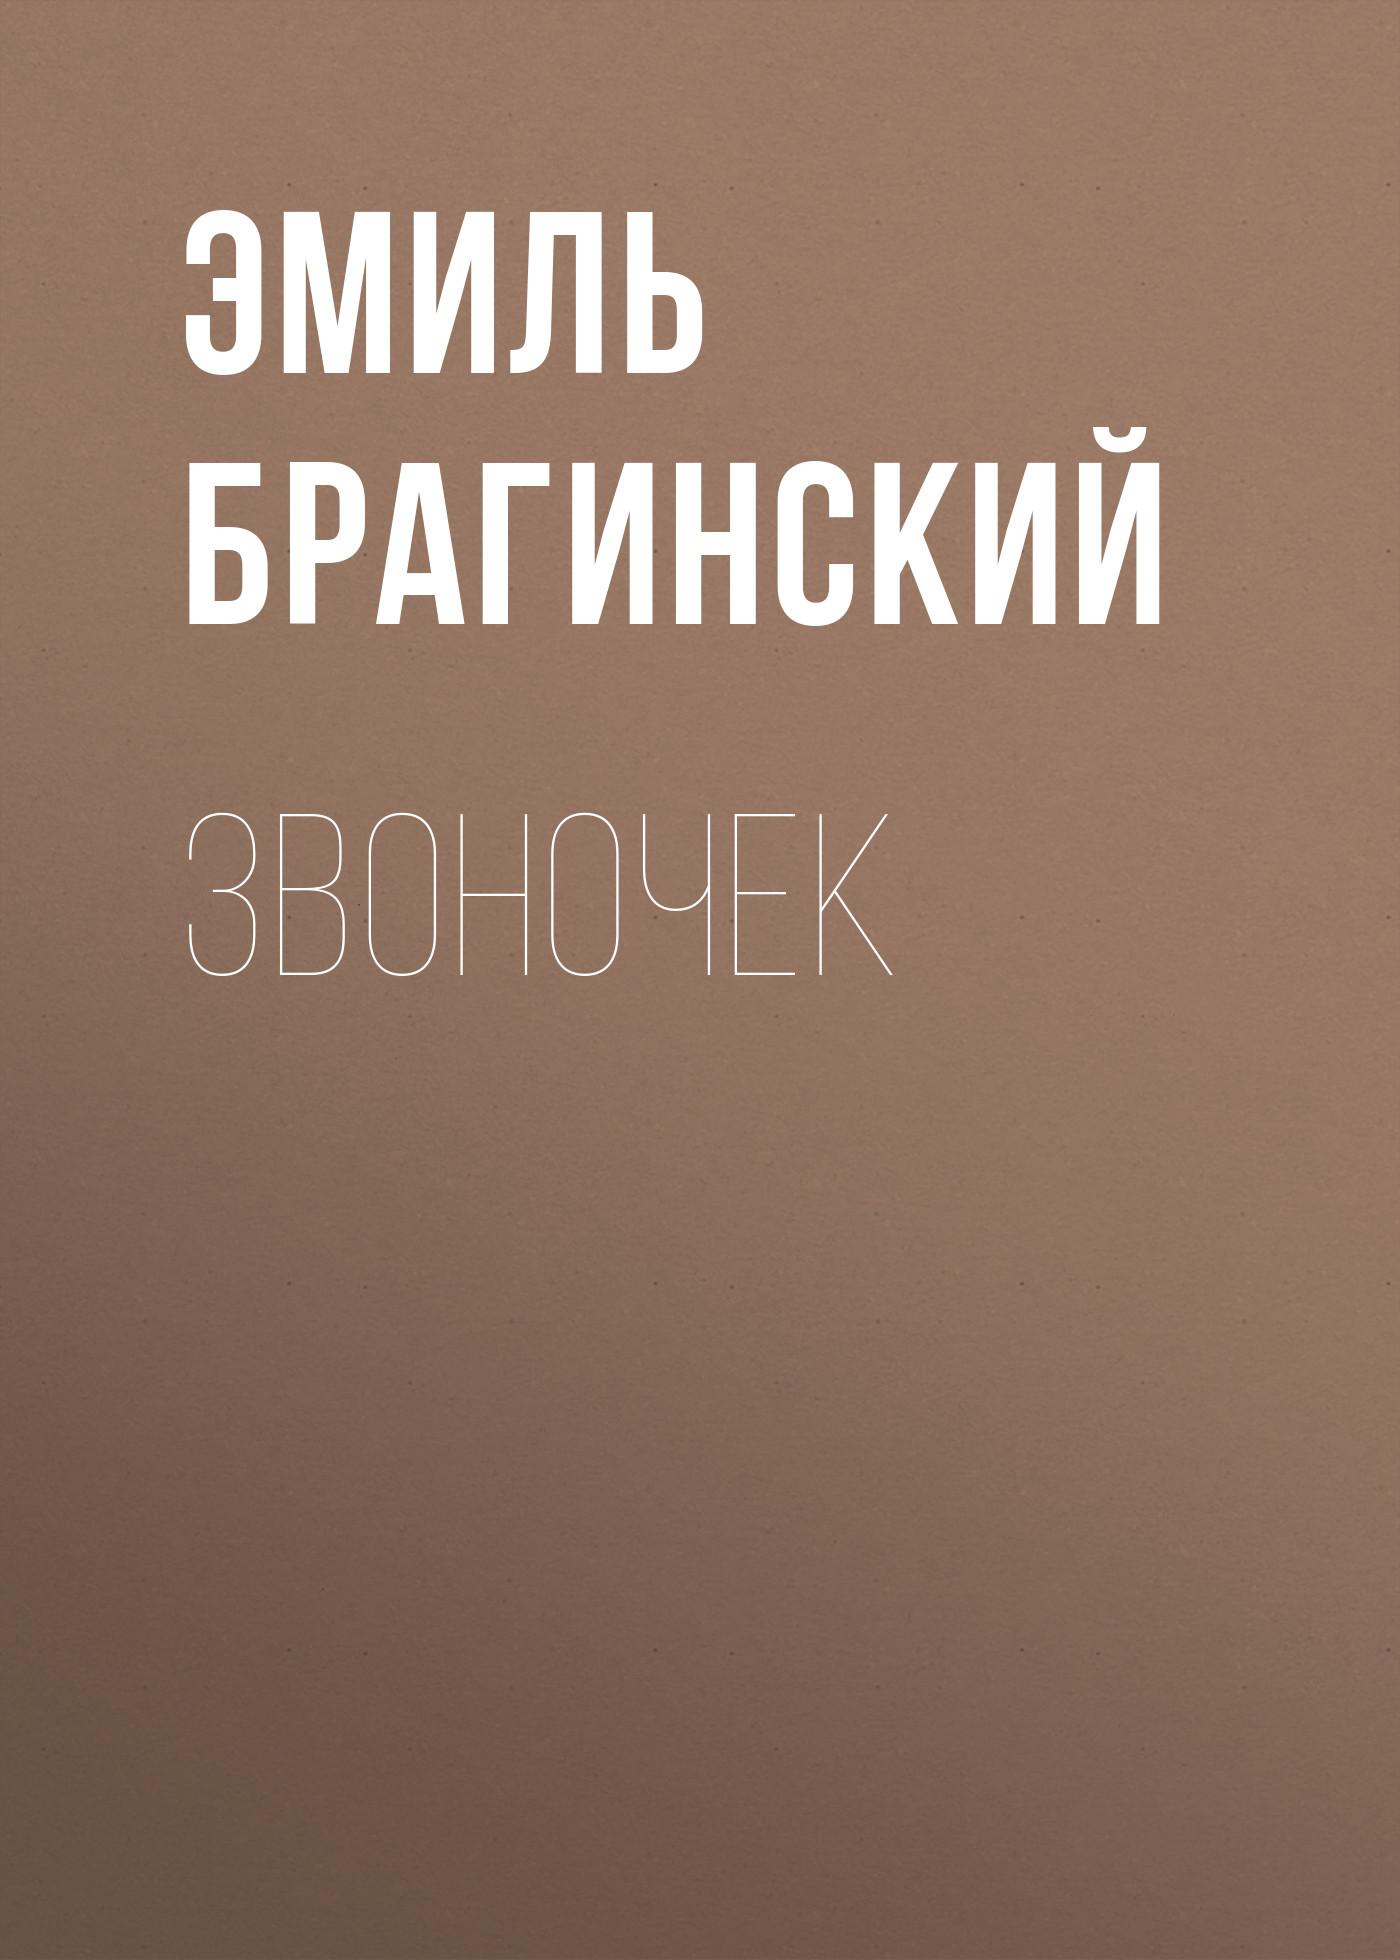 Эмиль Брагинский Звоночек эмиль брагинский звоночек